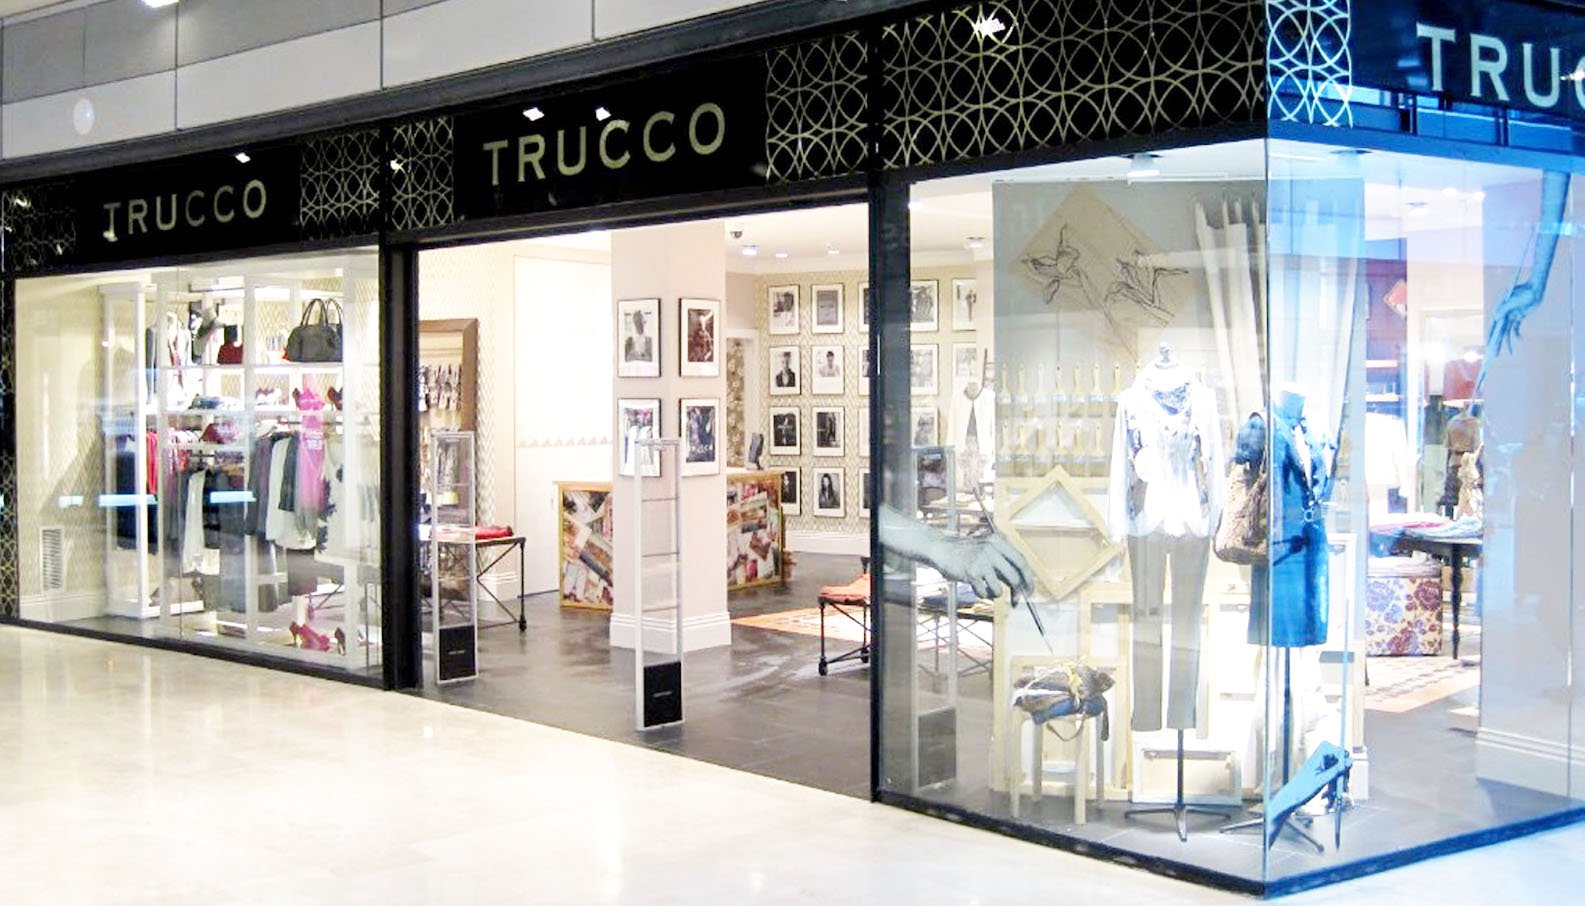 Trucco cuenta con más de 240 puntos de venta en 20 países